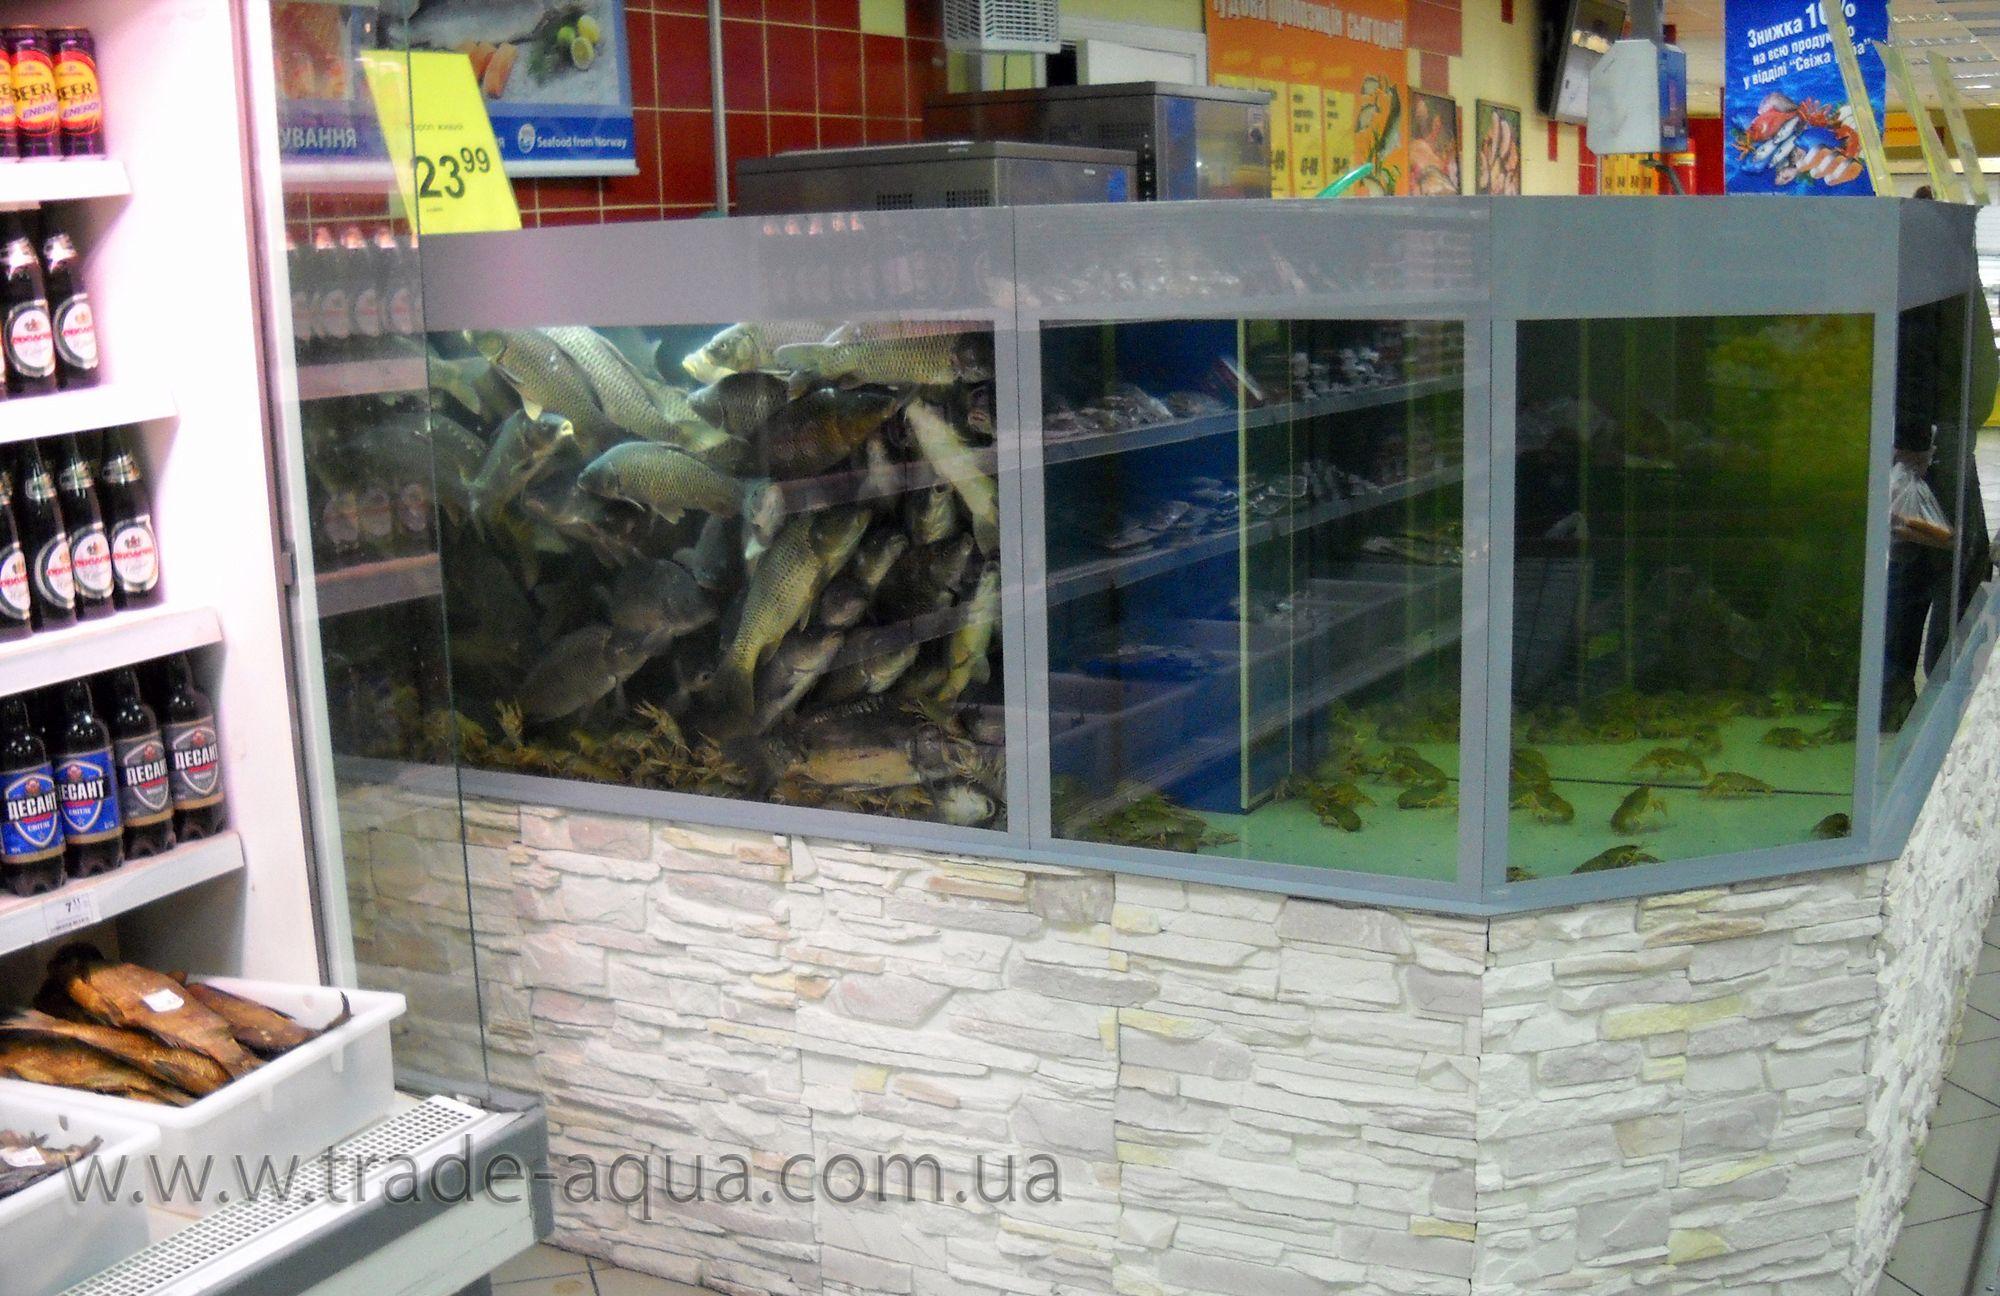 Oborudovanie-dlja-supermarketa